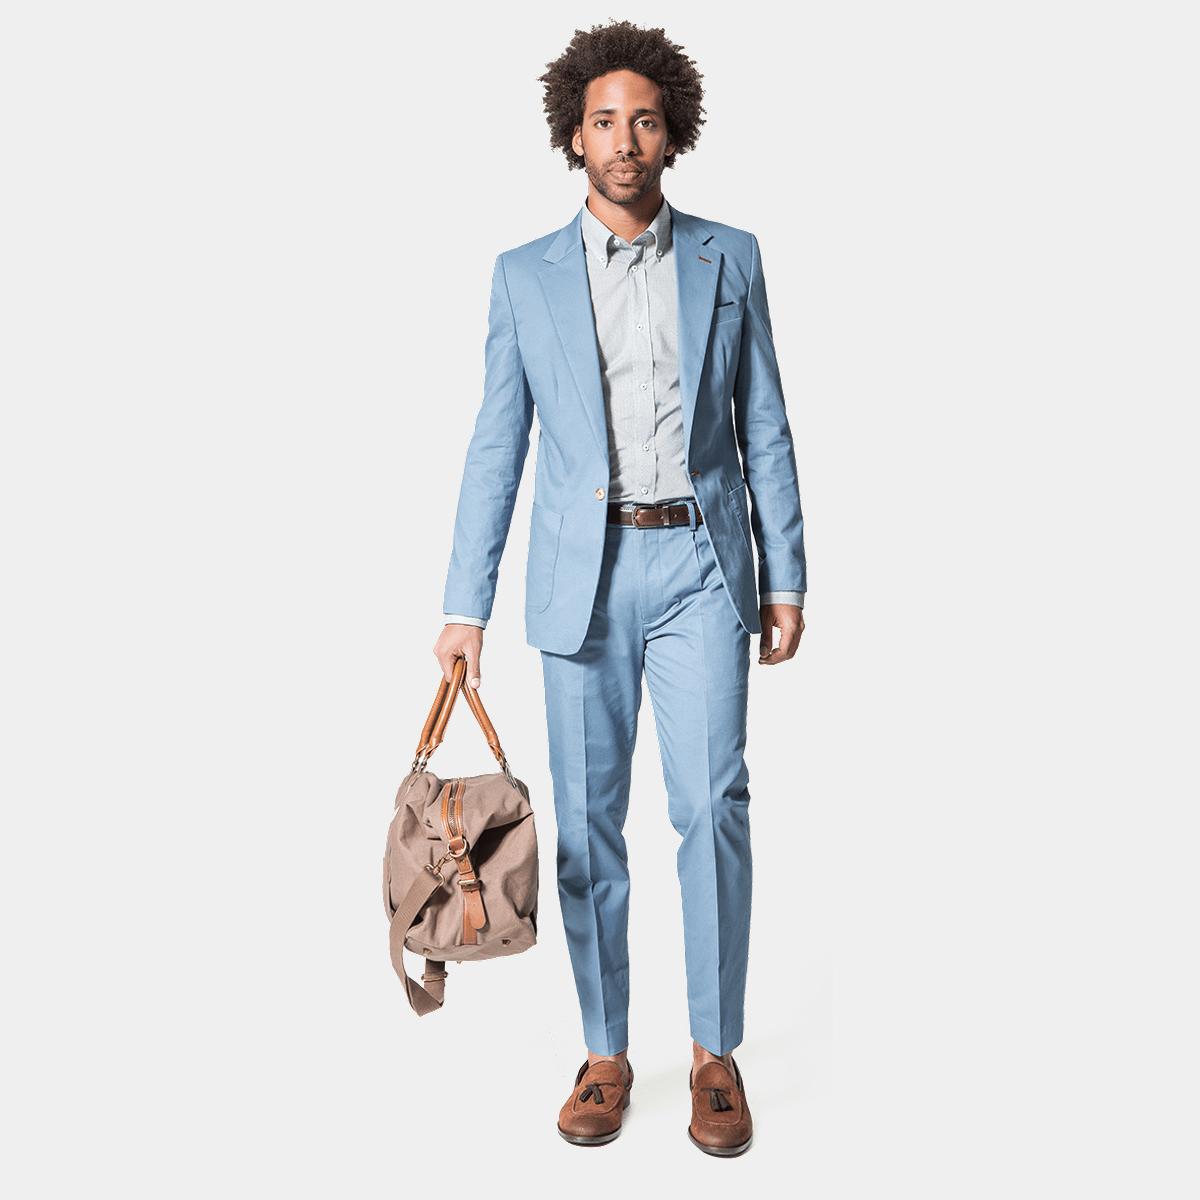 absolut stilvoll Top Qualität Brauch Baumwoll Anzüge | Männer Anzüge aus Baumwolle